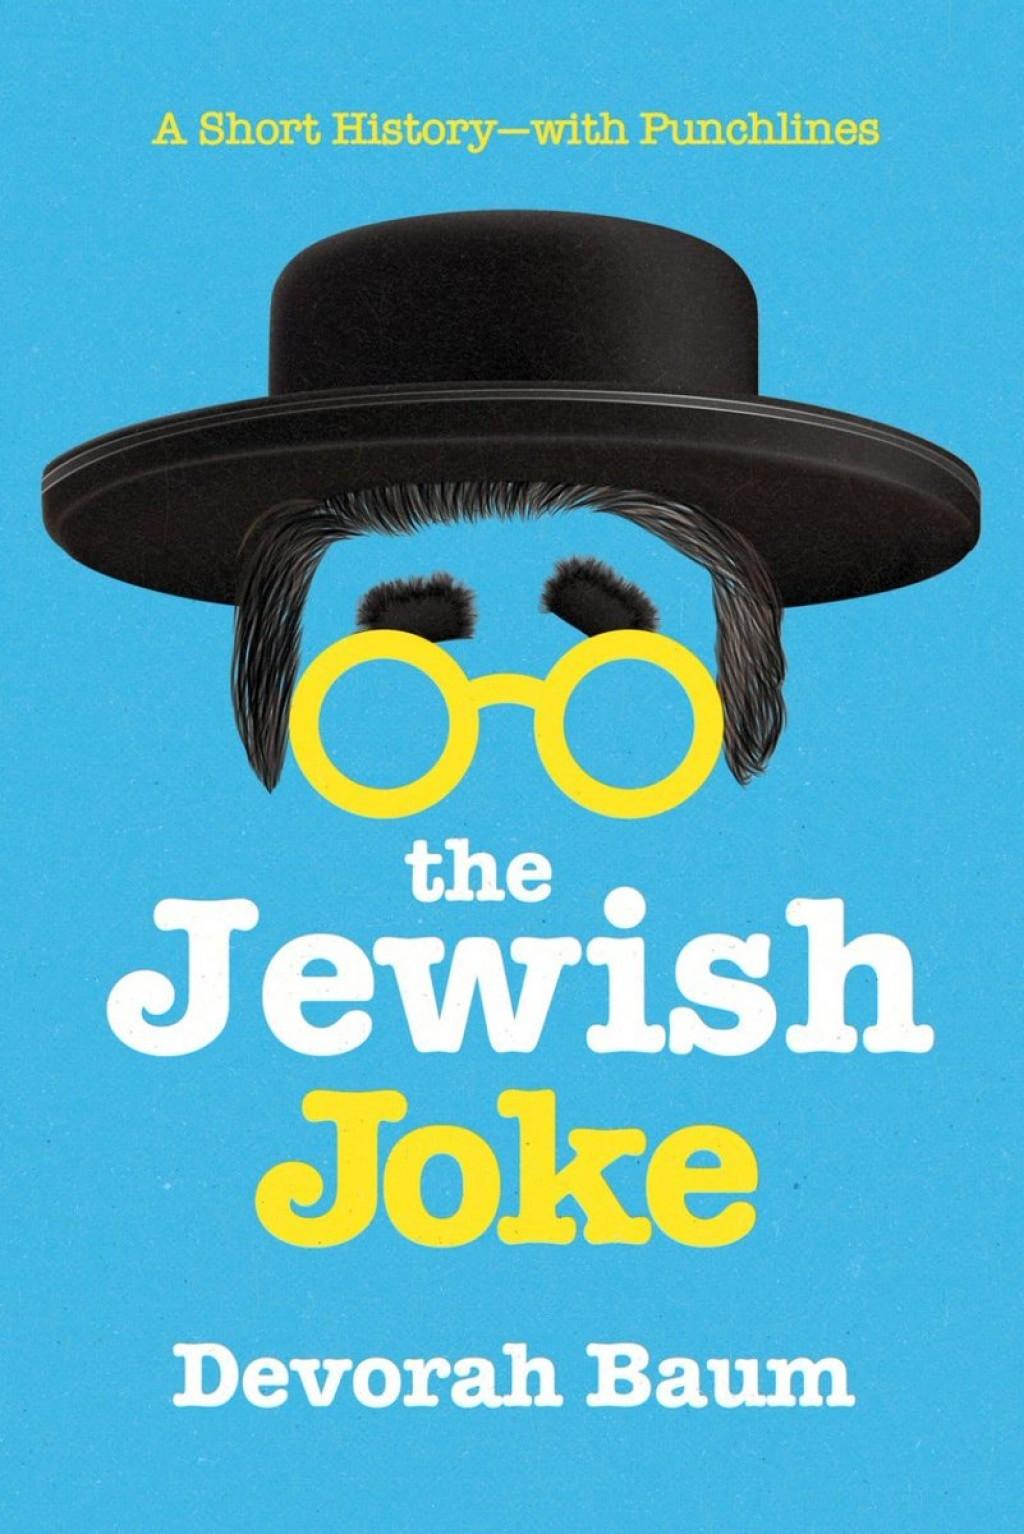 014 Essay Example Ddpiqofx0aahjbp Amazing Joke Writer Joker In Hindi Jokes English Large